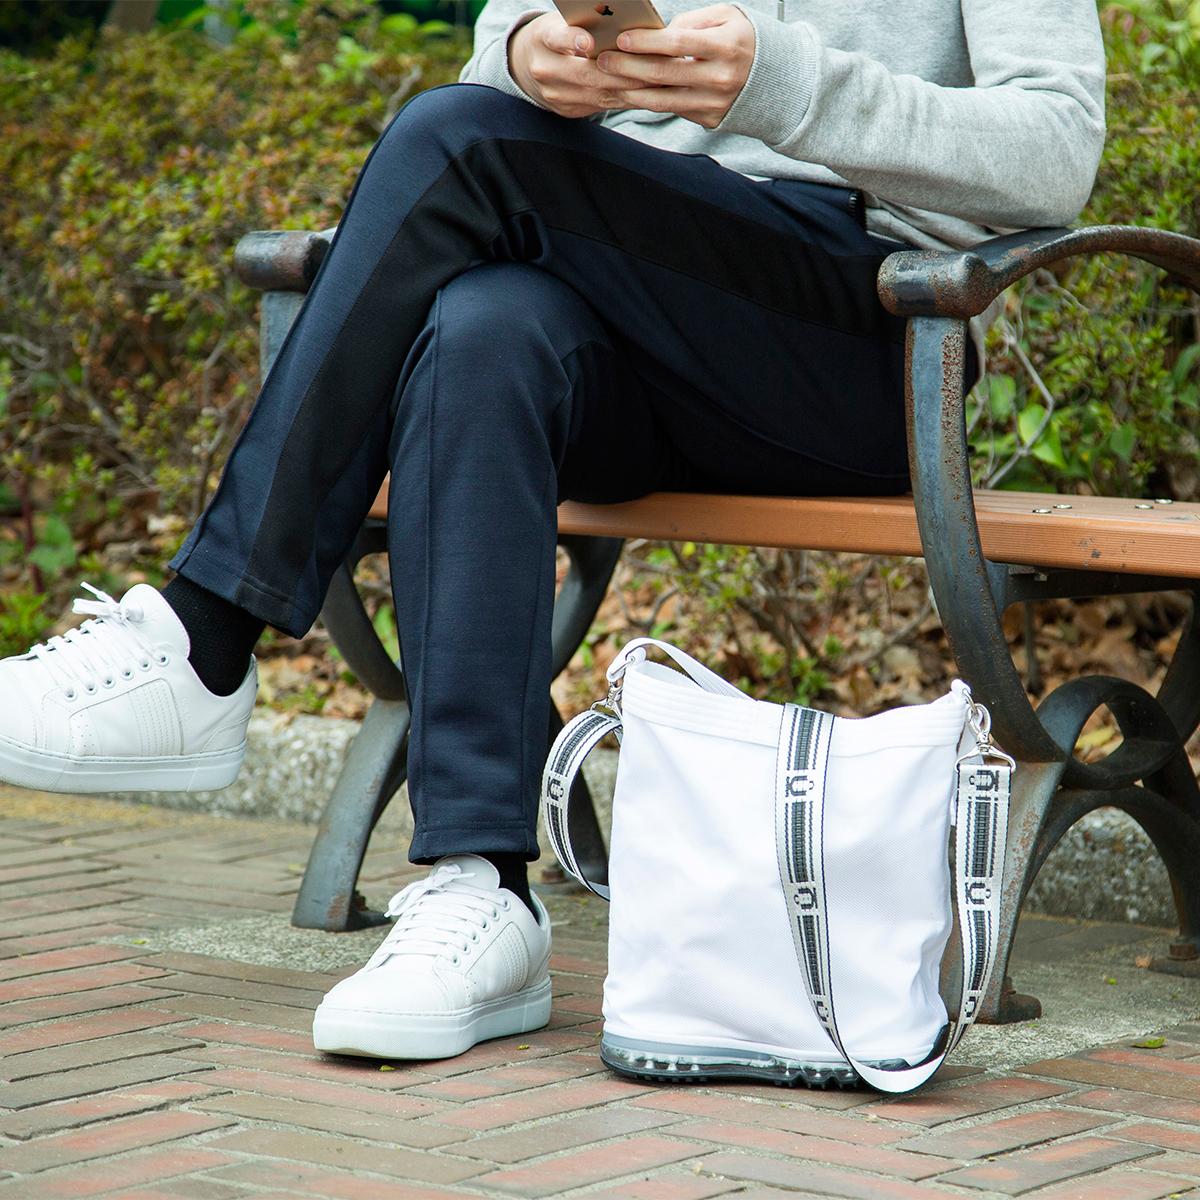 汚れも雨も気にせずガシガシと気楽に使えるバッグ。毎日の「散歩」が楽しくなるグッズを集めてみました。バッグや財布、タオルに傘、ケア用品など8選